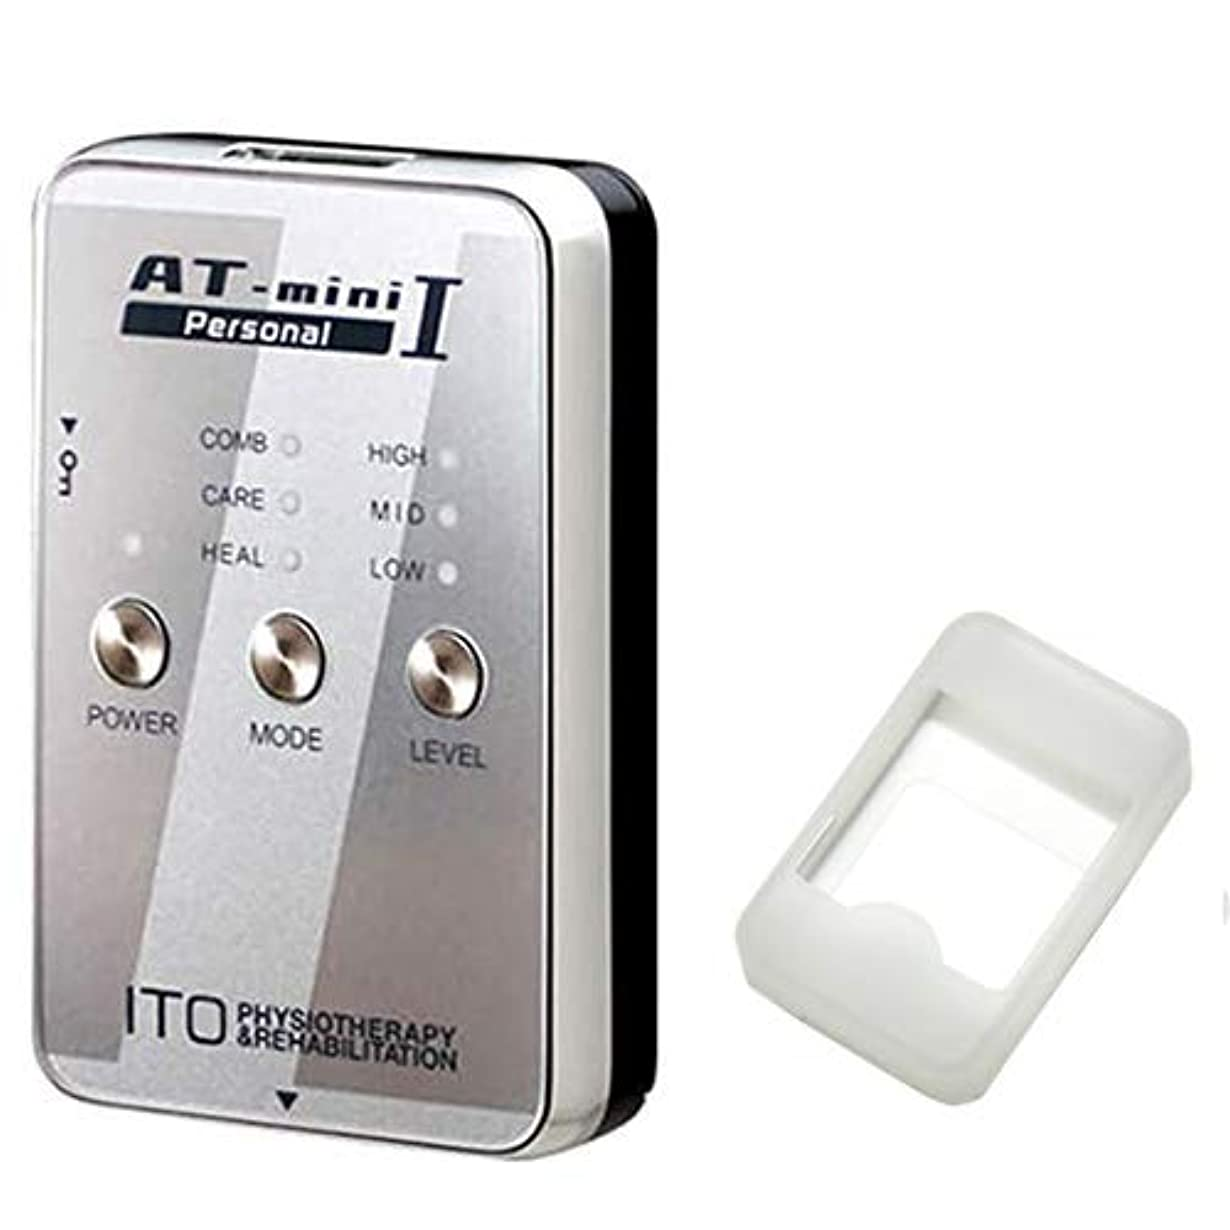 純粋な規模結婚した低周波治療器 AT-mini personal I シルバー (ATミニパーソナル1) + シリコン保護ケース